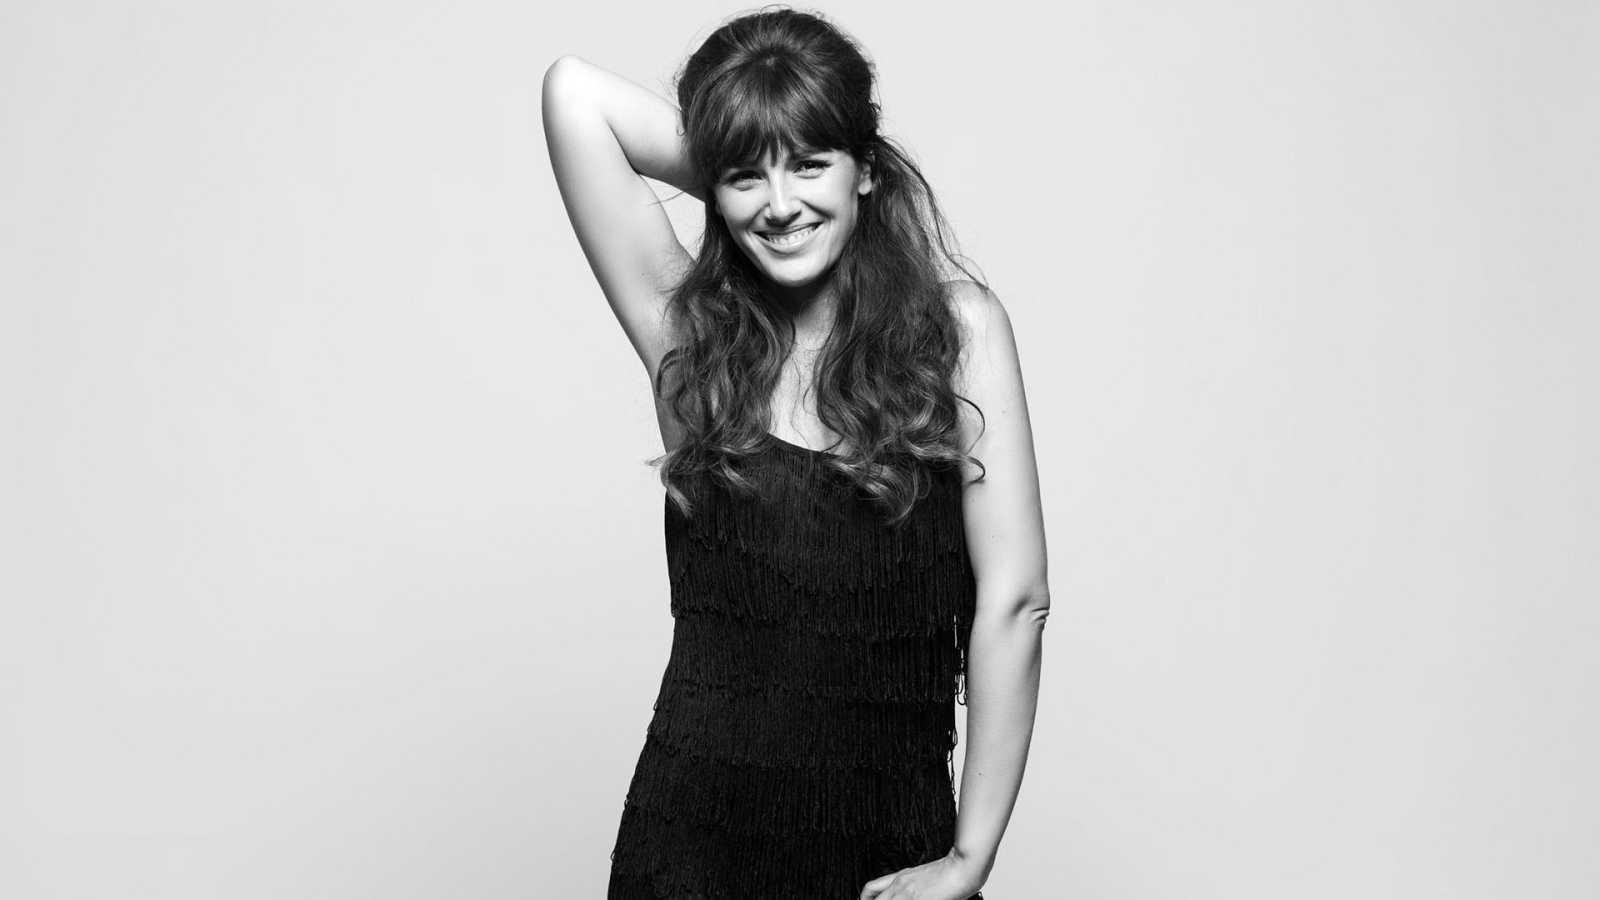 El Patillas Dj - Marta Ren & The Groovelvets y mujeres del Rock and Roll - 13/03/21 - escuchar ahora